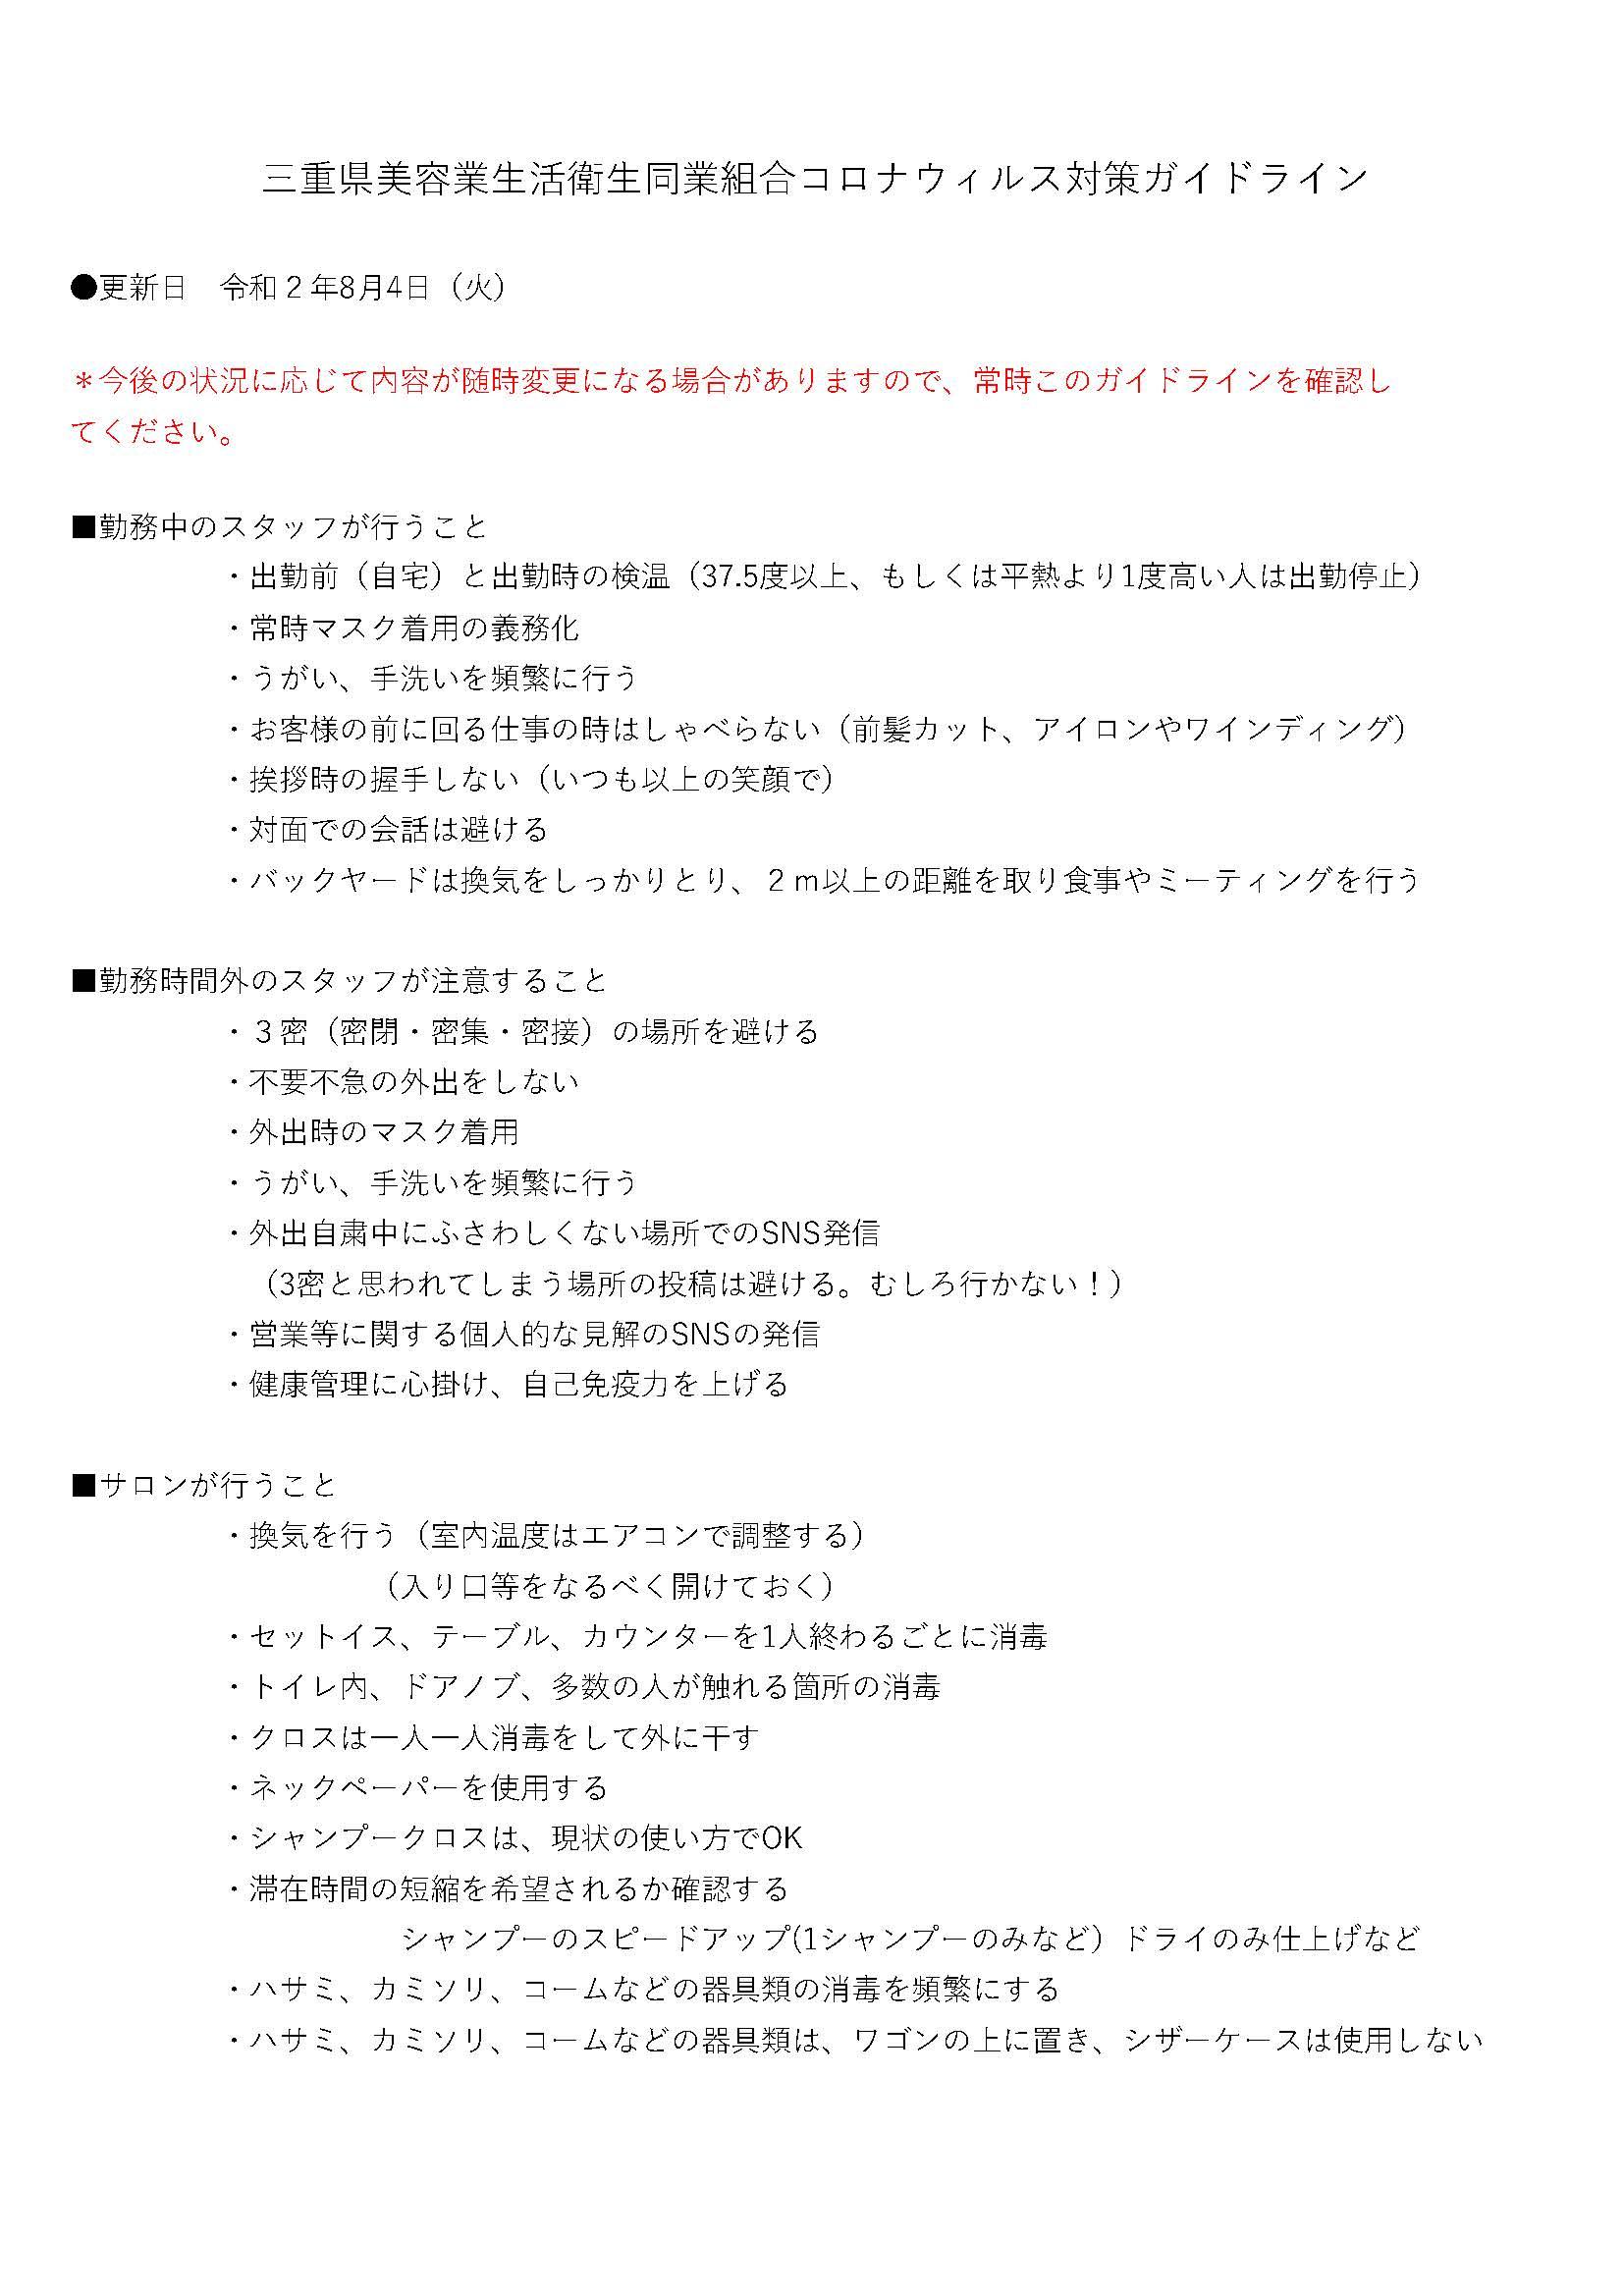 ◆三重県美容組合コロナウイルス対策ガイドライン◆